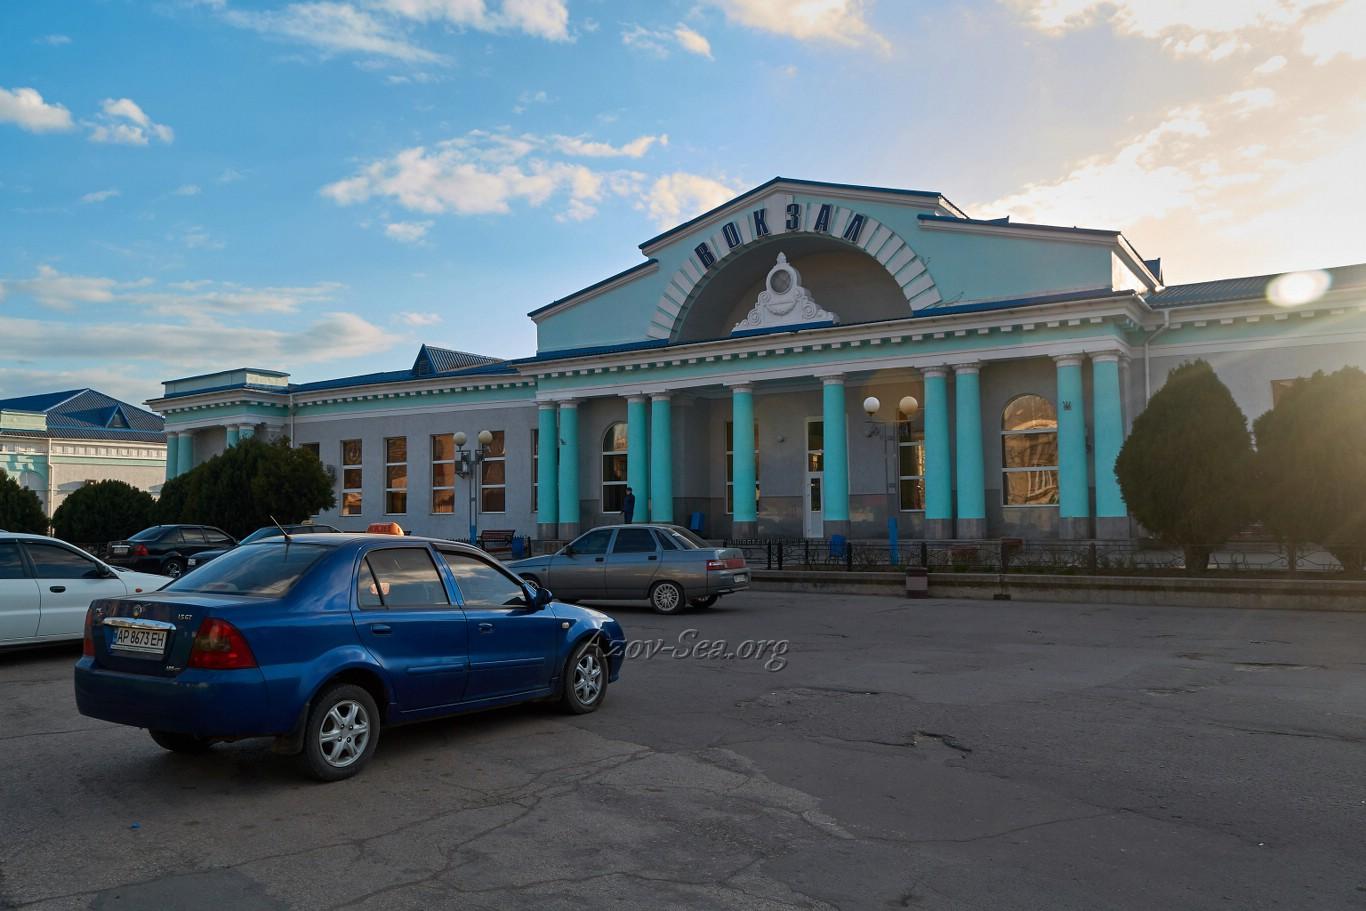 Летнее расписание движения поездов. Станция Мелитополь. СЕЗОН 2019.